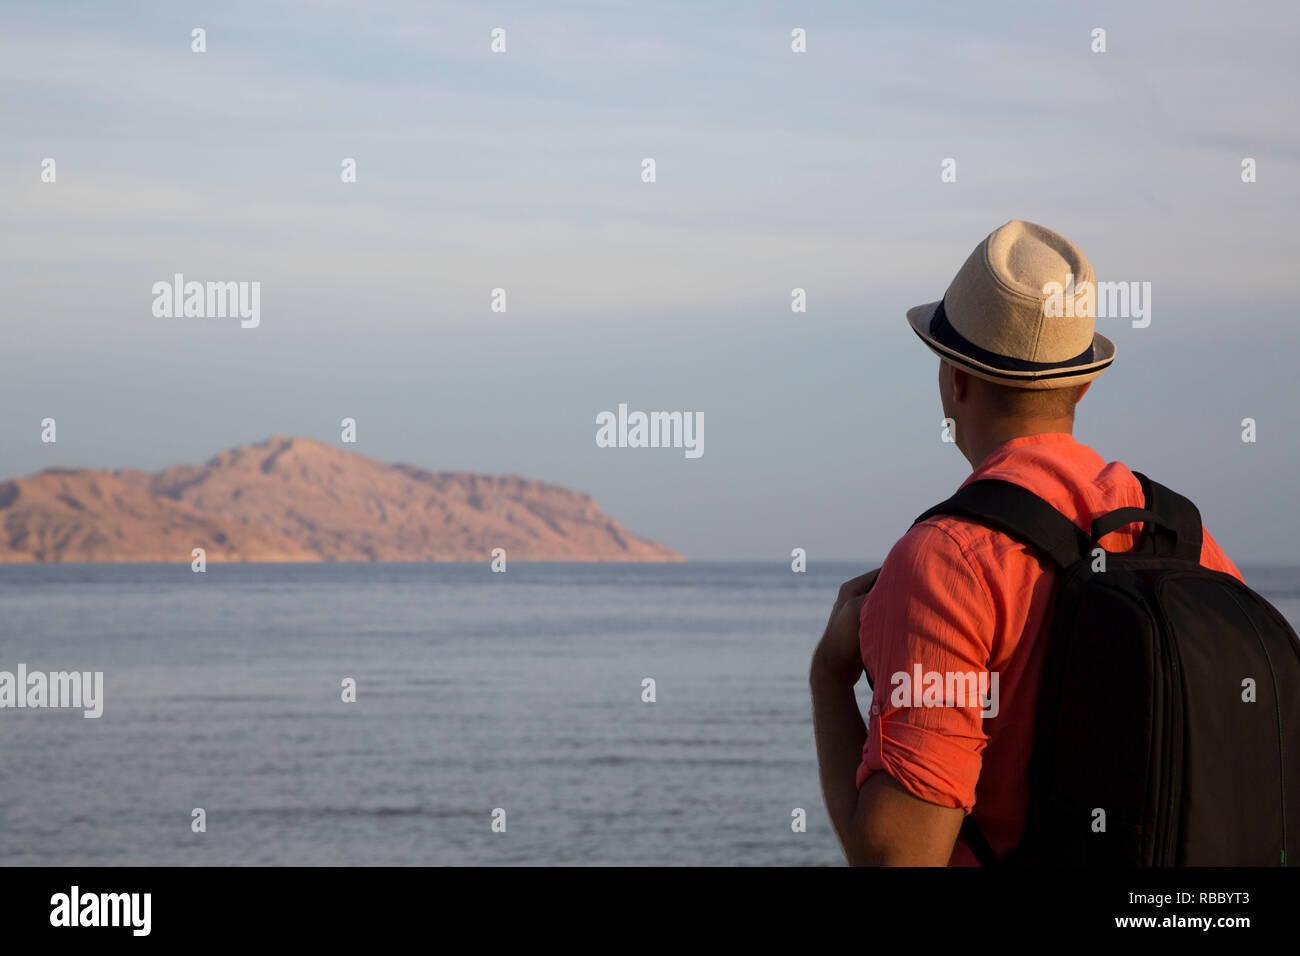 Reisende auf die Insel Tiran suchen in Ägypten Stockbild